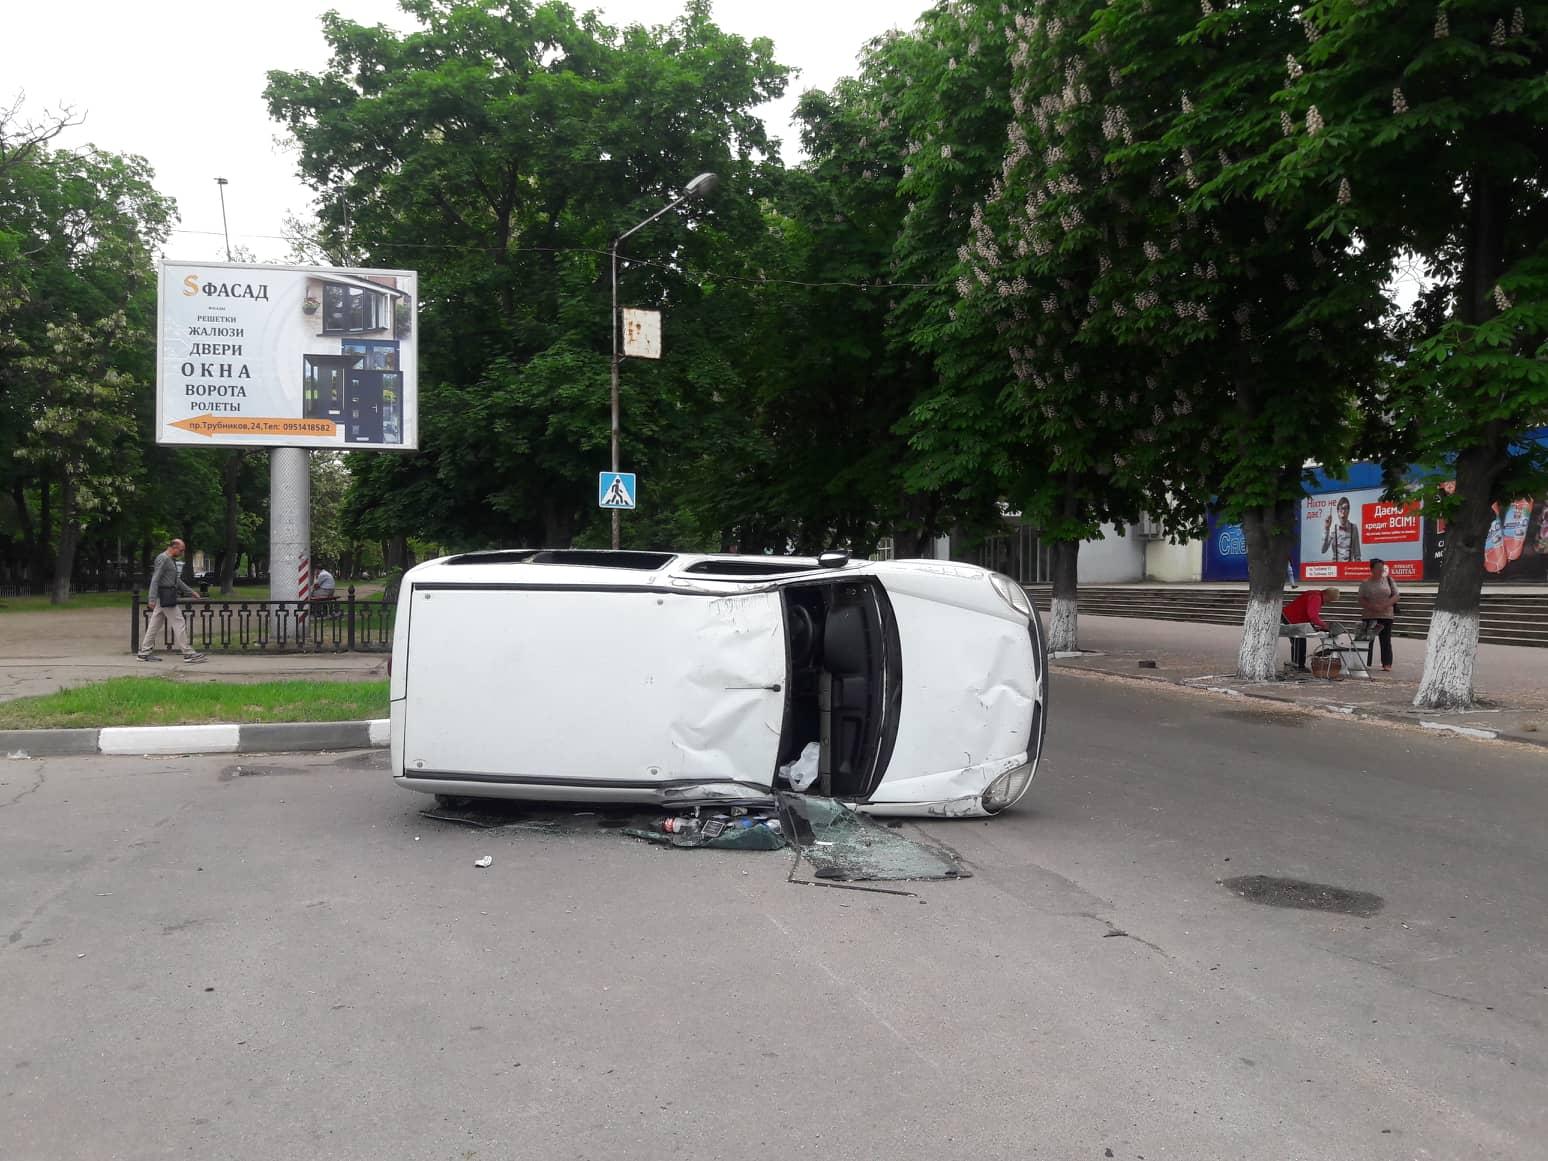 Renault Kangoo планируют эвакуировать сотрудники полиции